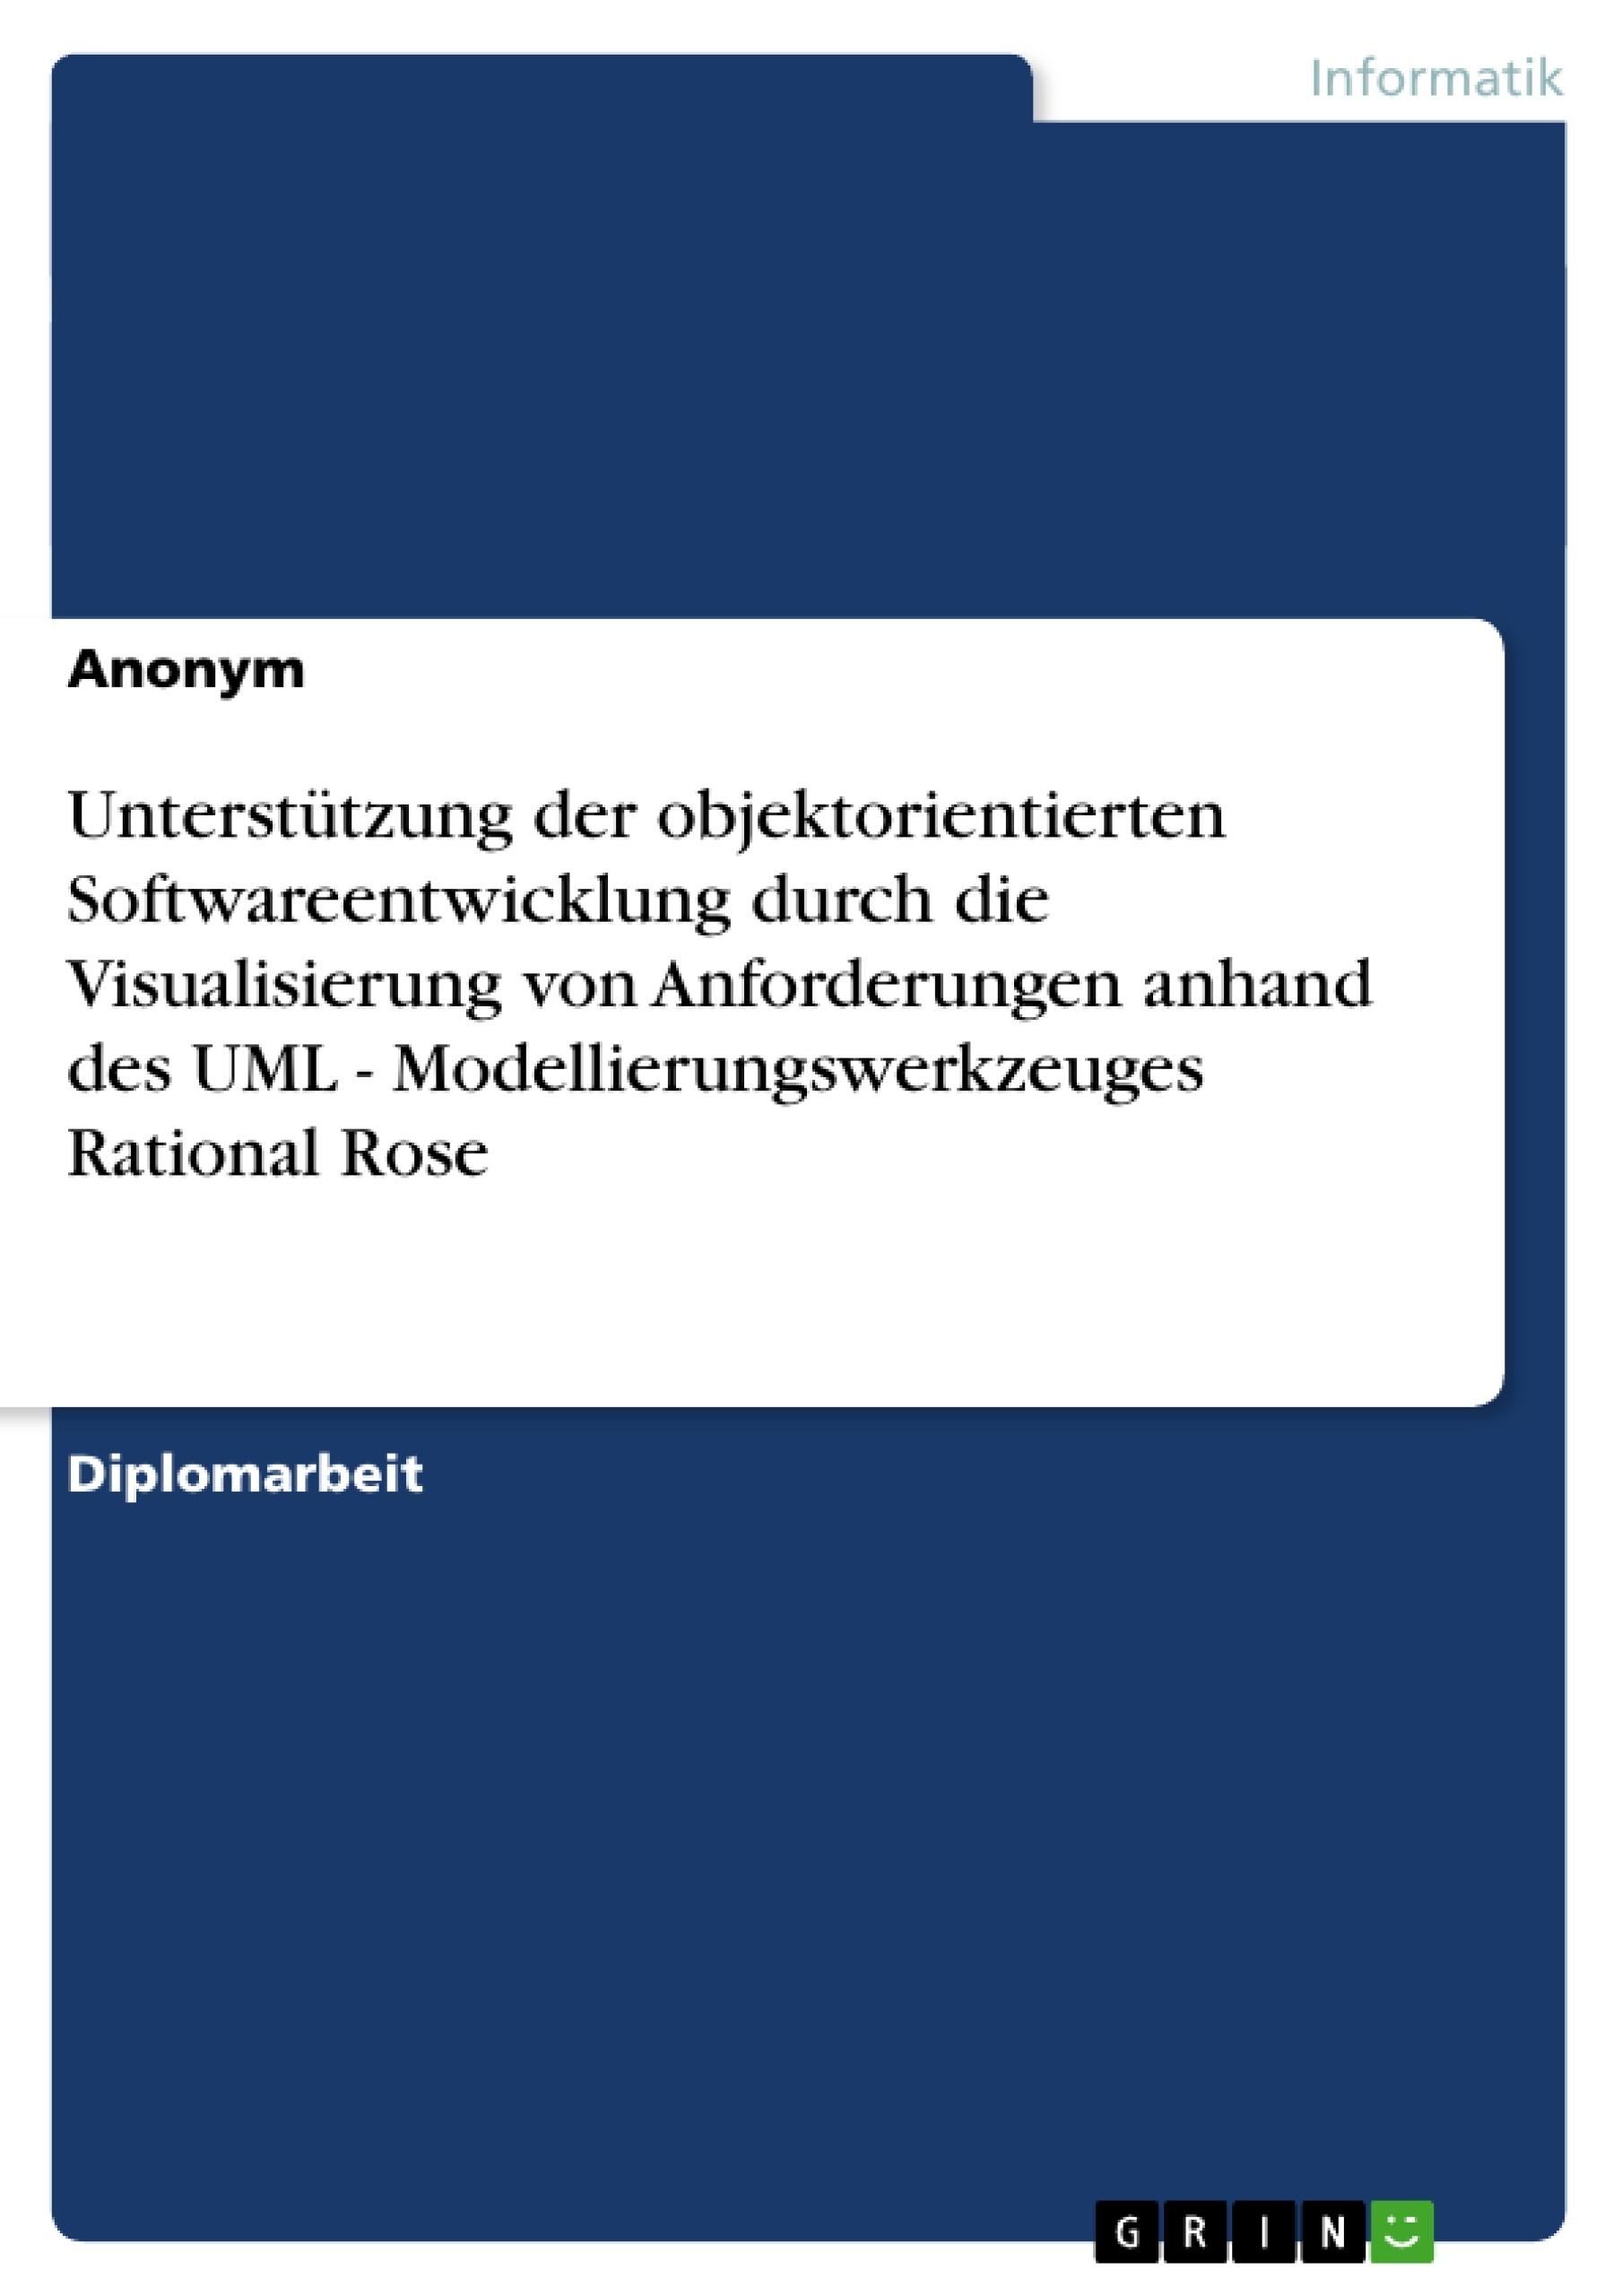 Groß Fortsetzen Des Softwareentwickler Beispiels Zeitgenössisch ...